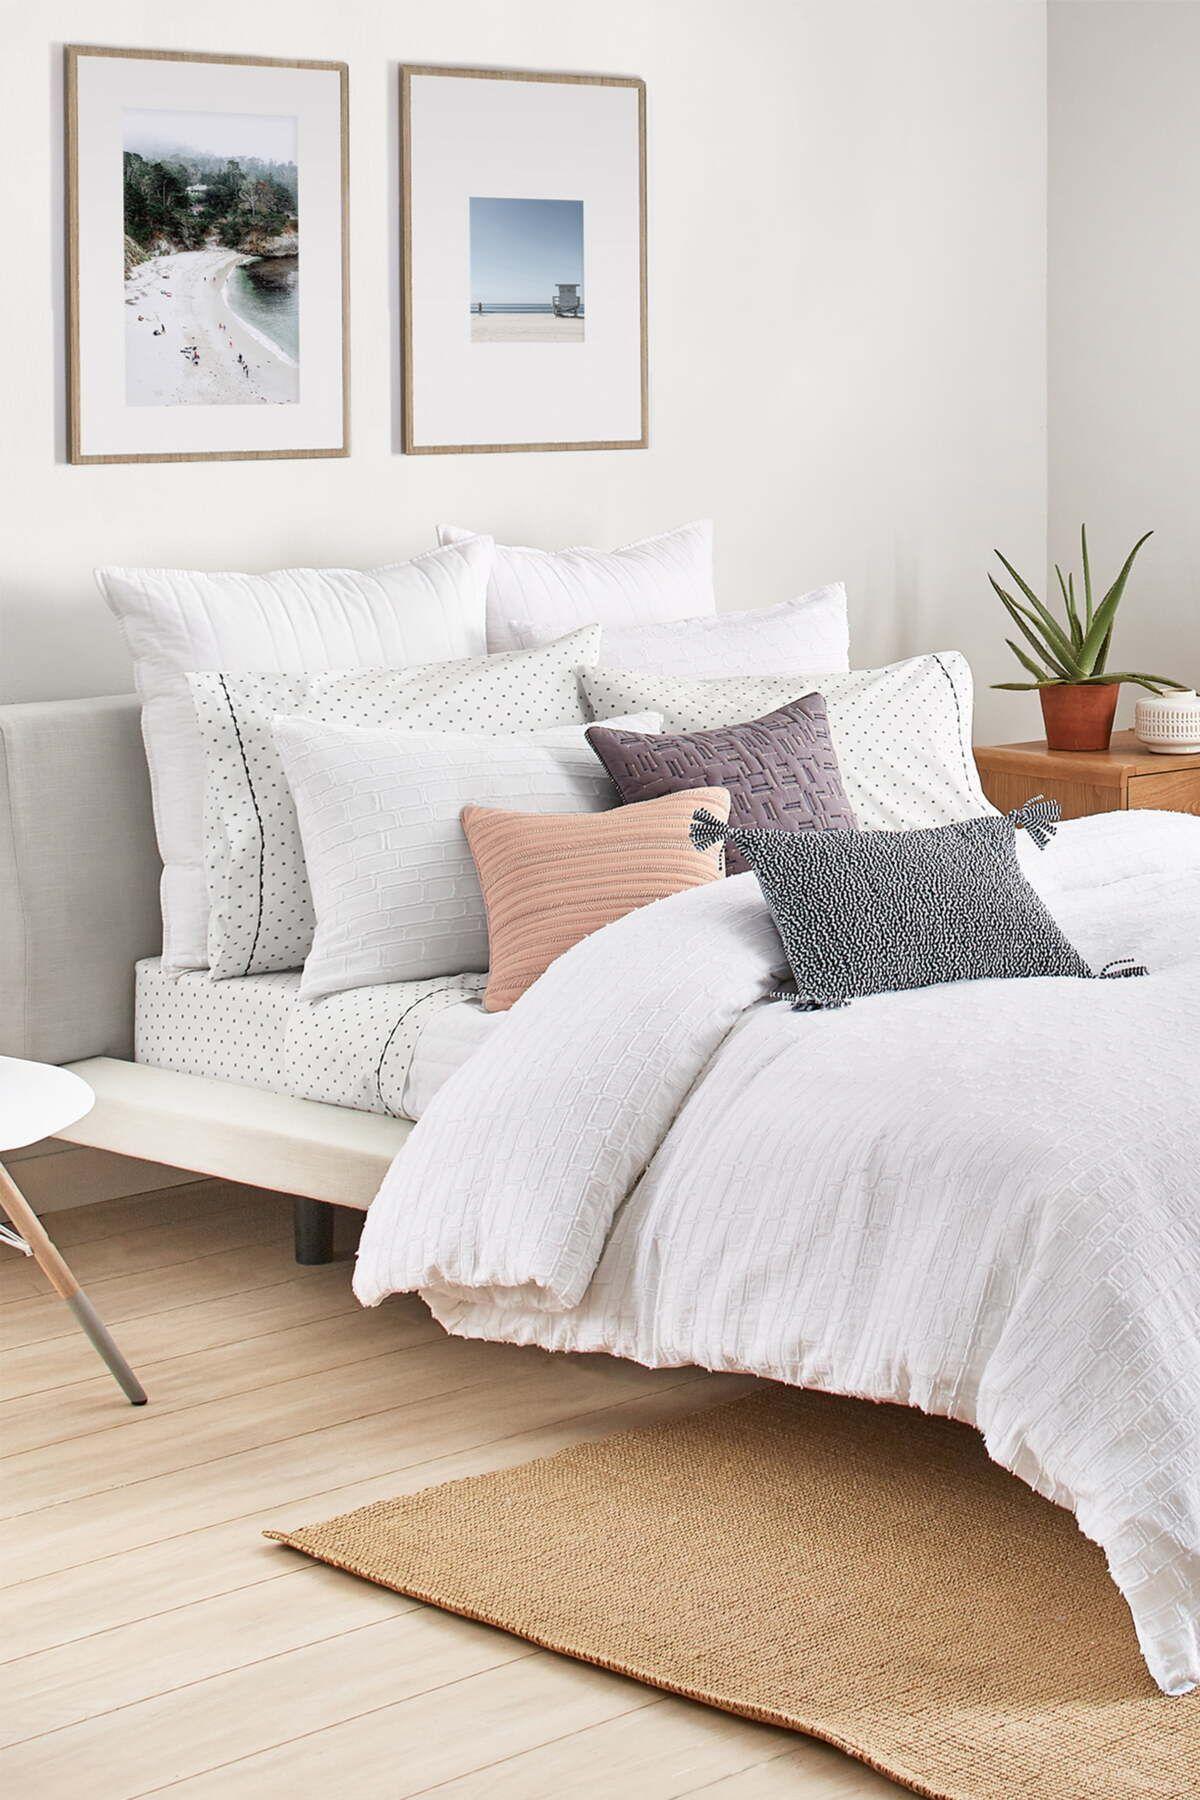 SPLENDID HOME DECOR Alpine Full/Queen Comforter & Sham